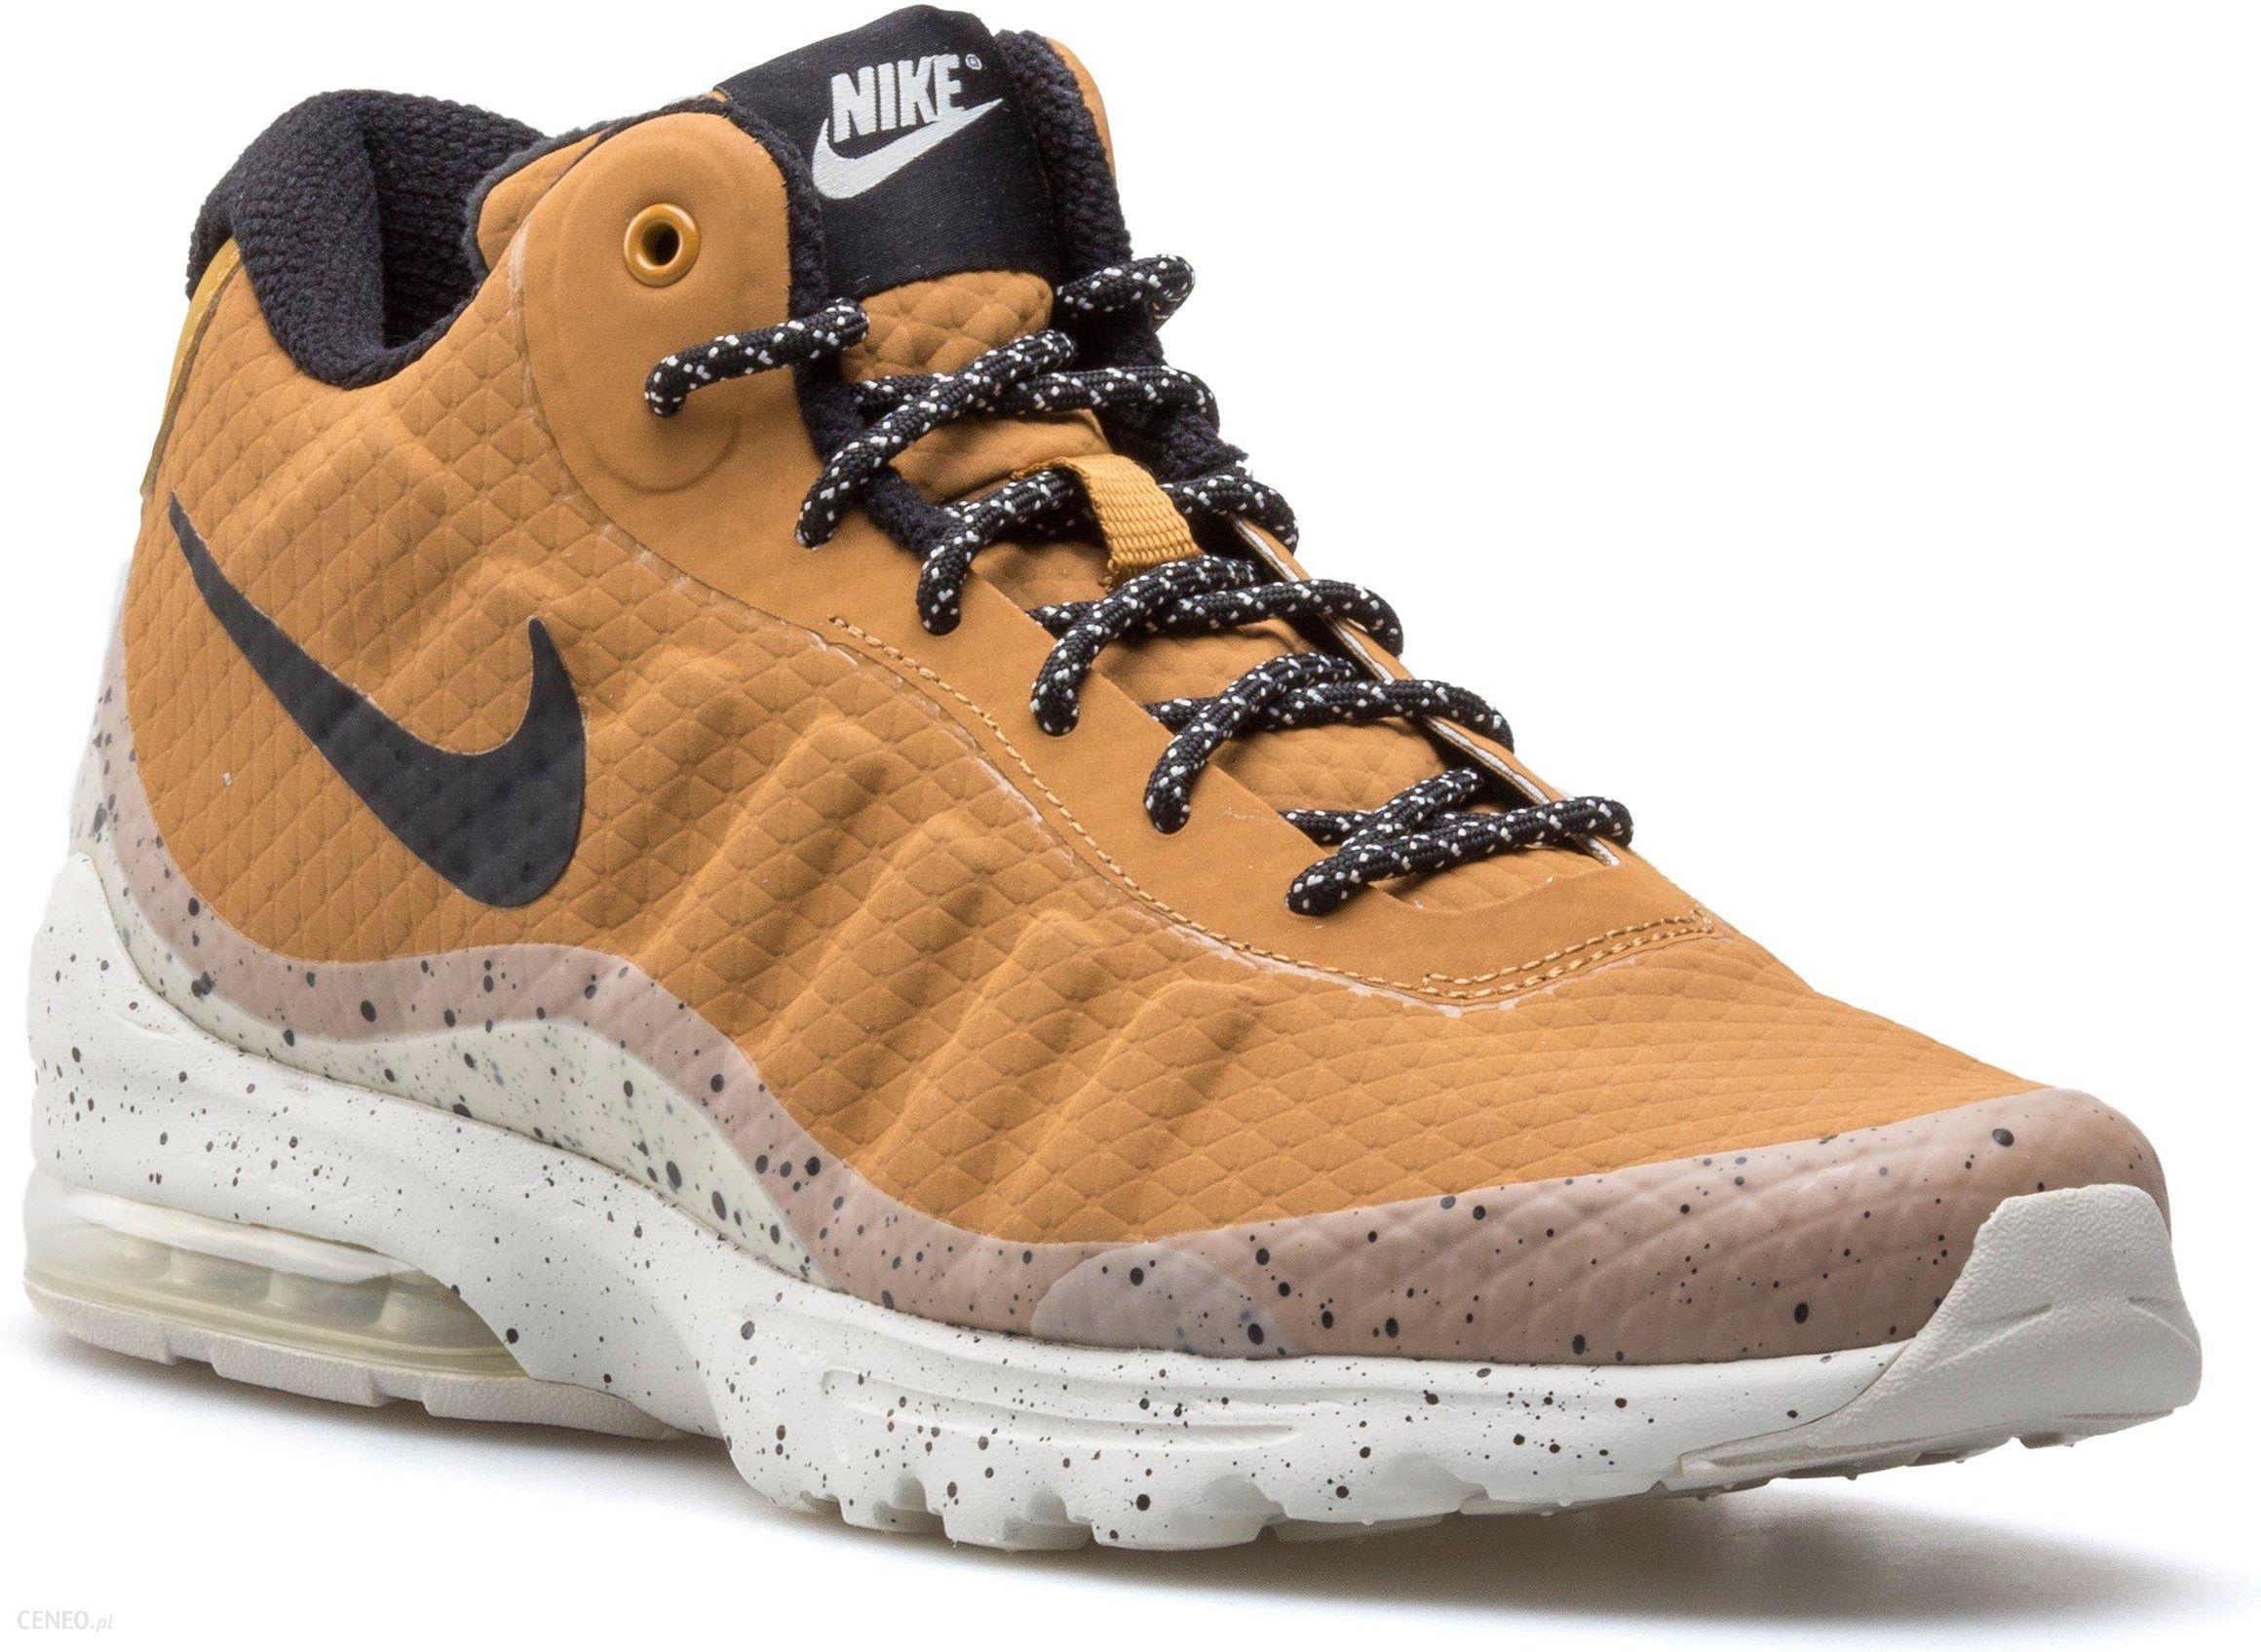 Buty Nike Air Max Invigor MID 858654 004 r. 44 Ceny i opinie Ceneo.pl